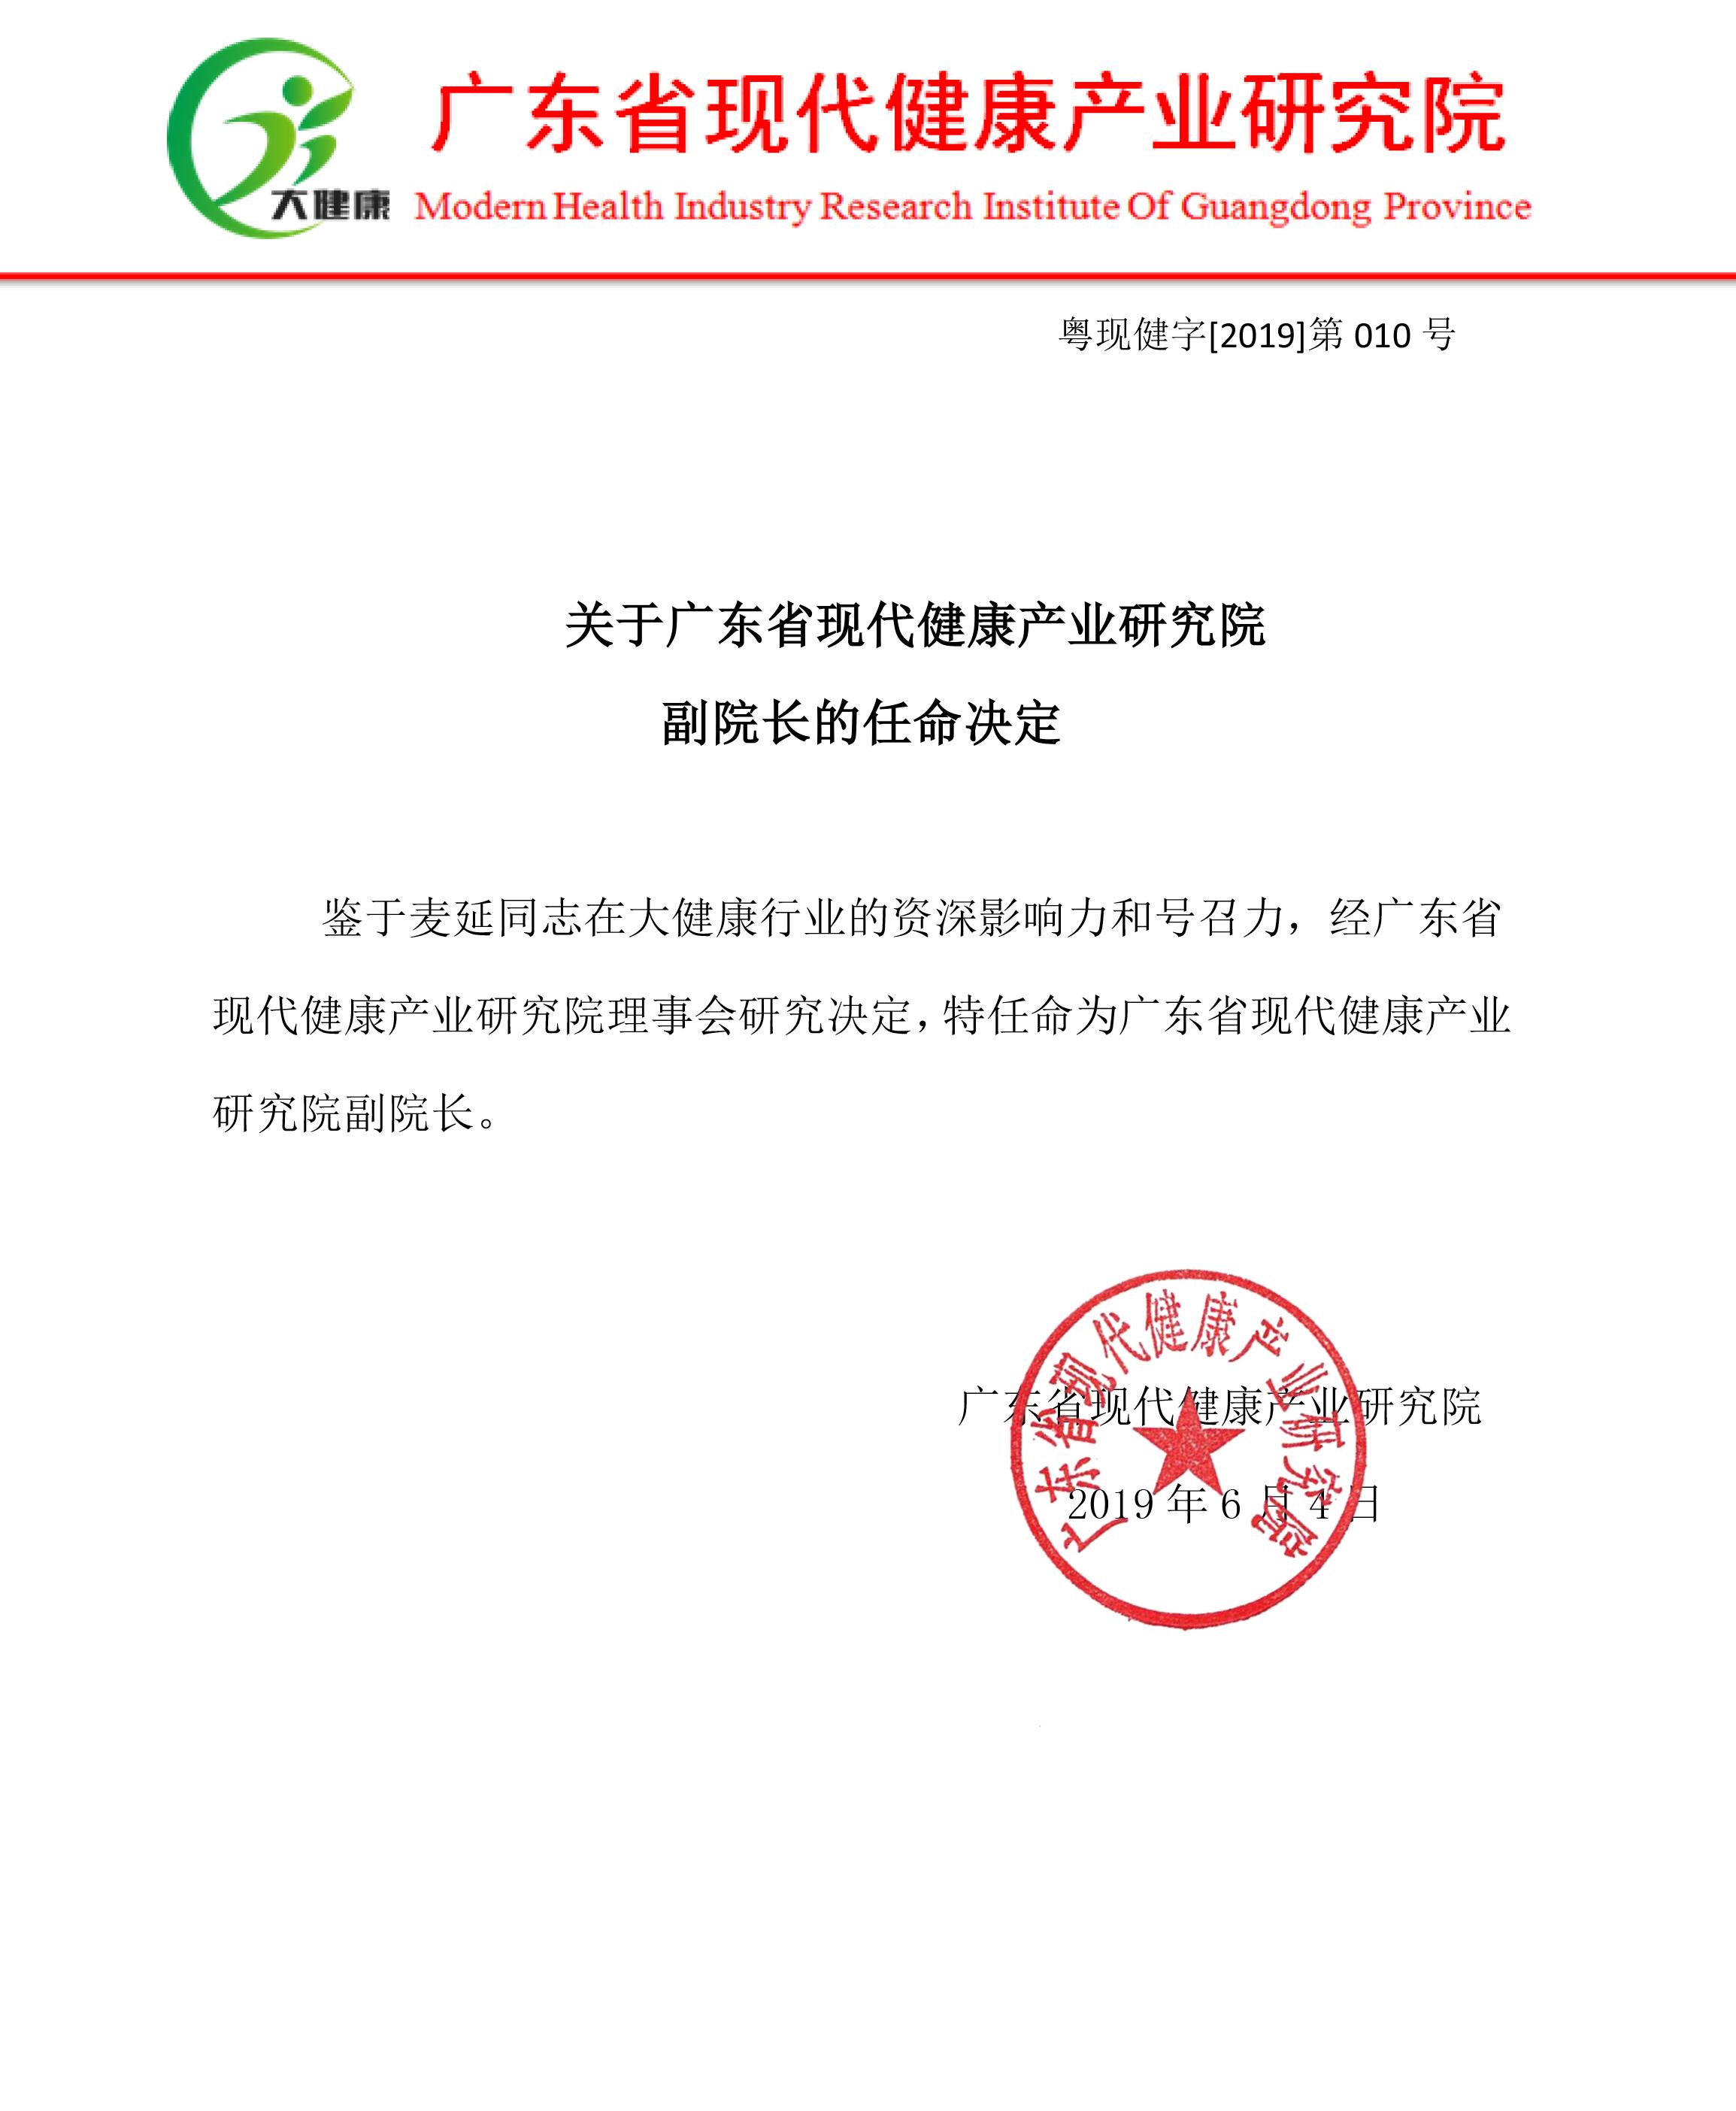 关于广东省现代健康产业研究院副院长的任命决定